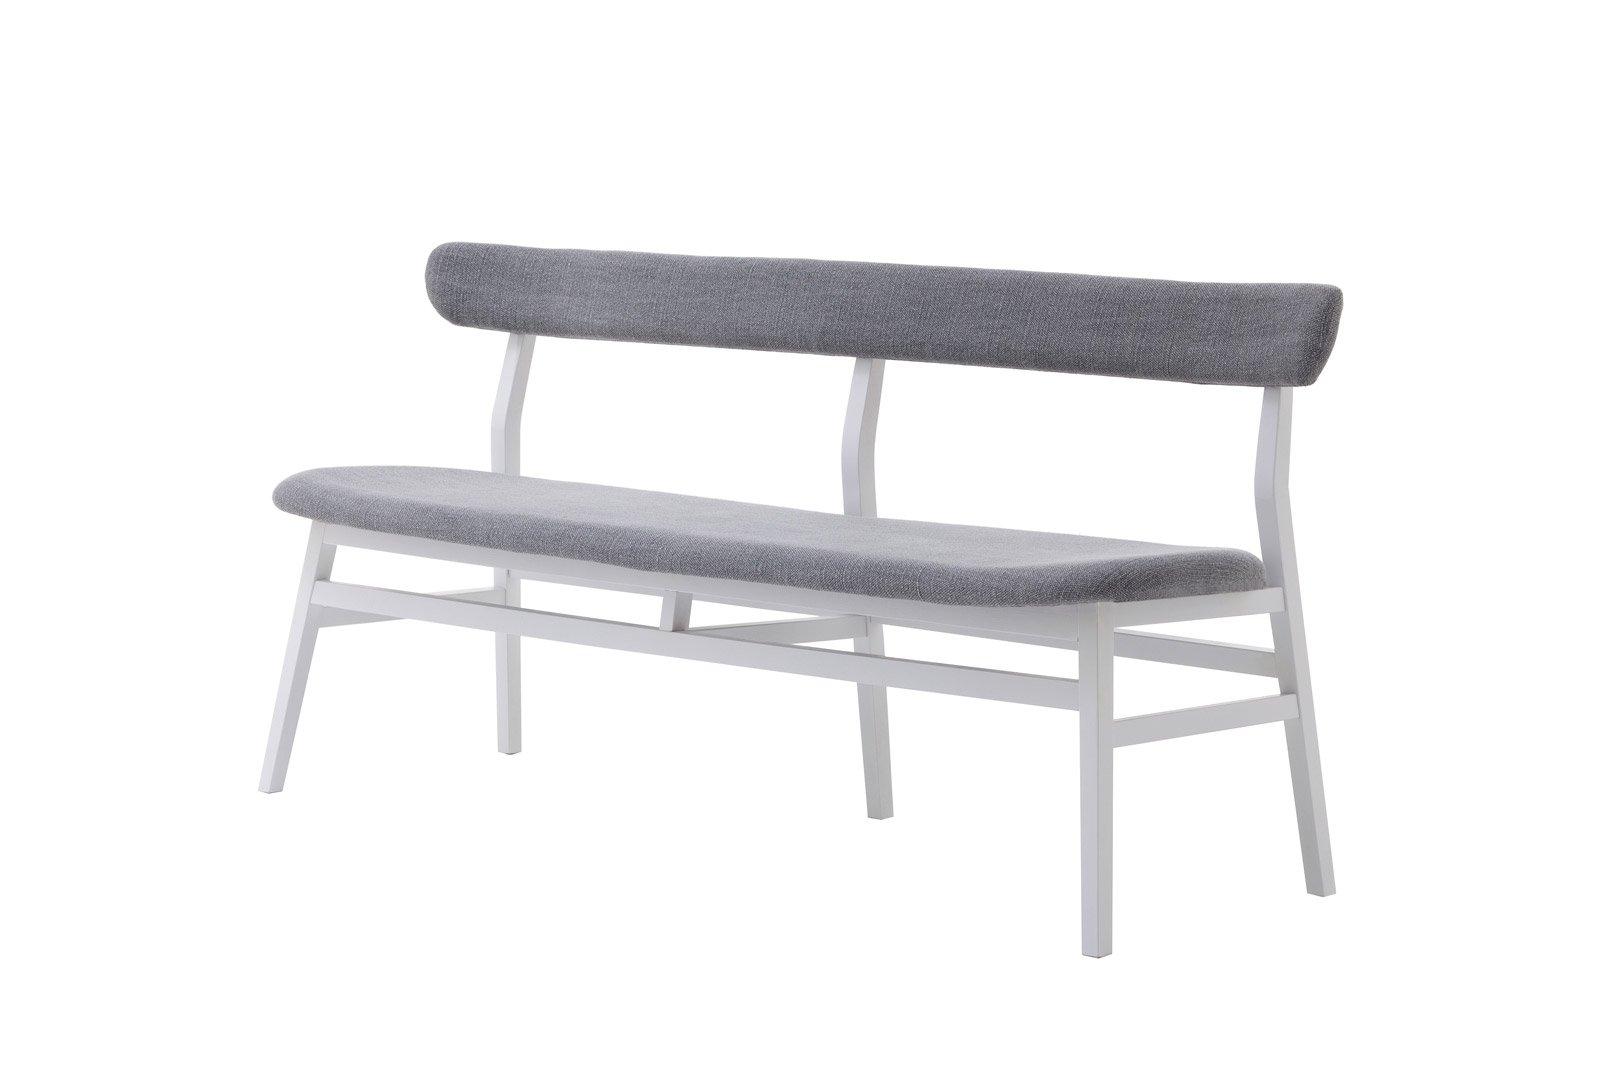 Brick 215 di Gervasoni è una panca con un alto schienale: la struttura è in faggio laccato bianco, la seduta e lo schienale sono imbottiti e rivestiti in tessuto grigio perla. È disponibile anche nella versione in noce Canaletto. www.gervasoni1882.com